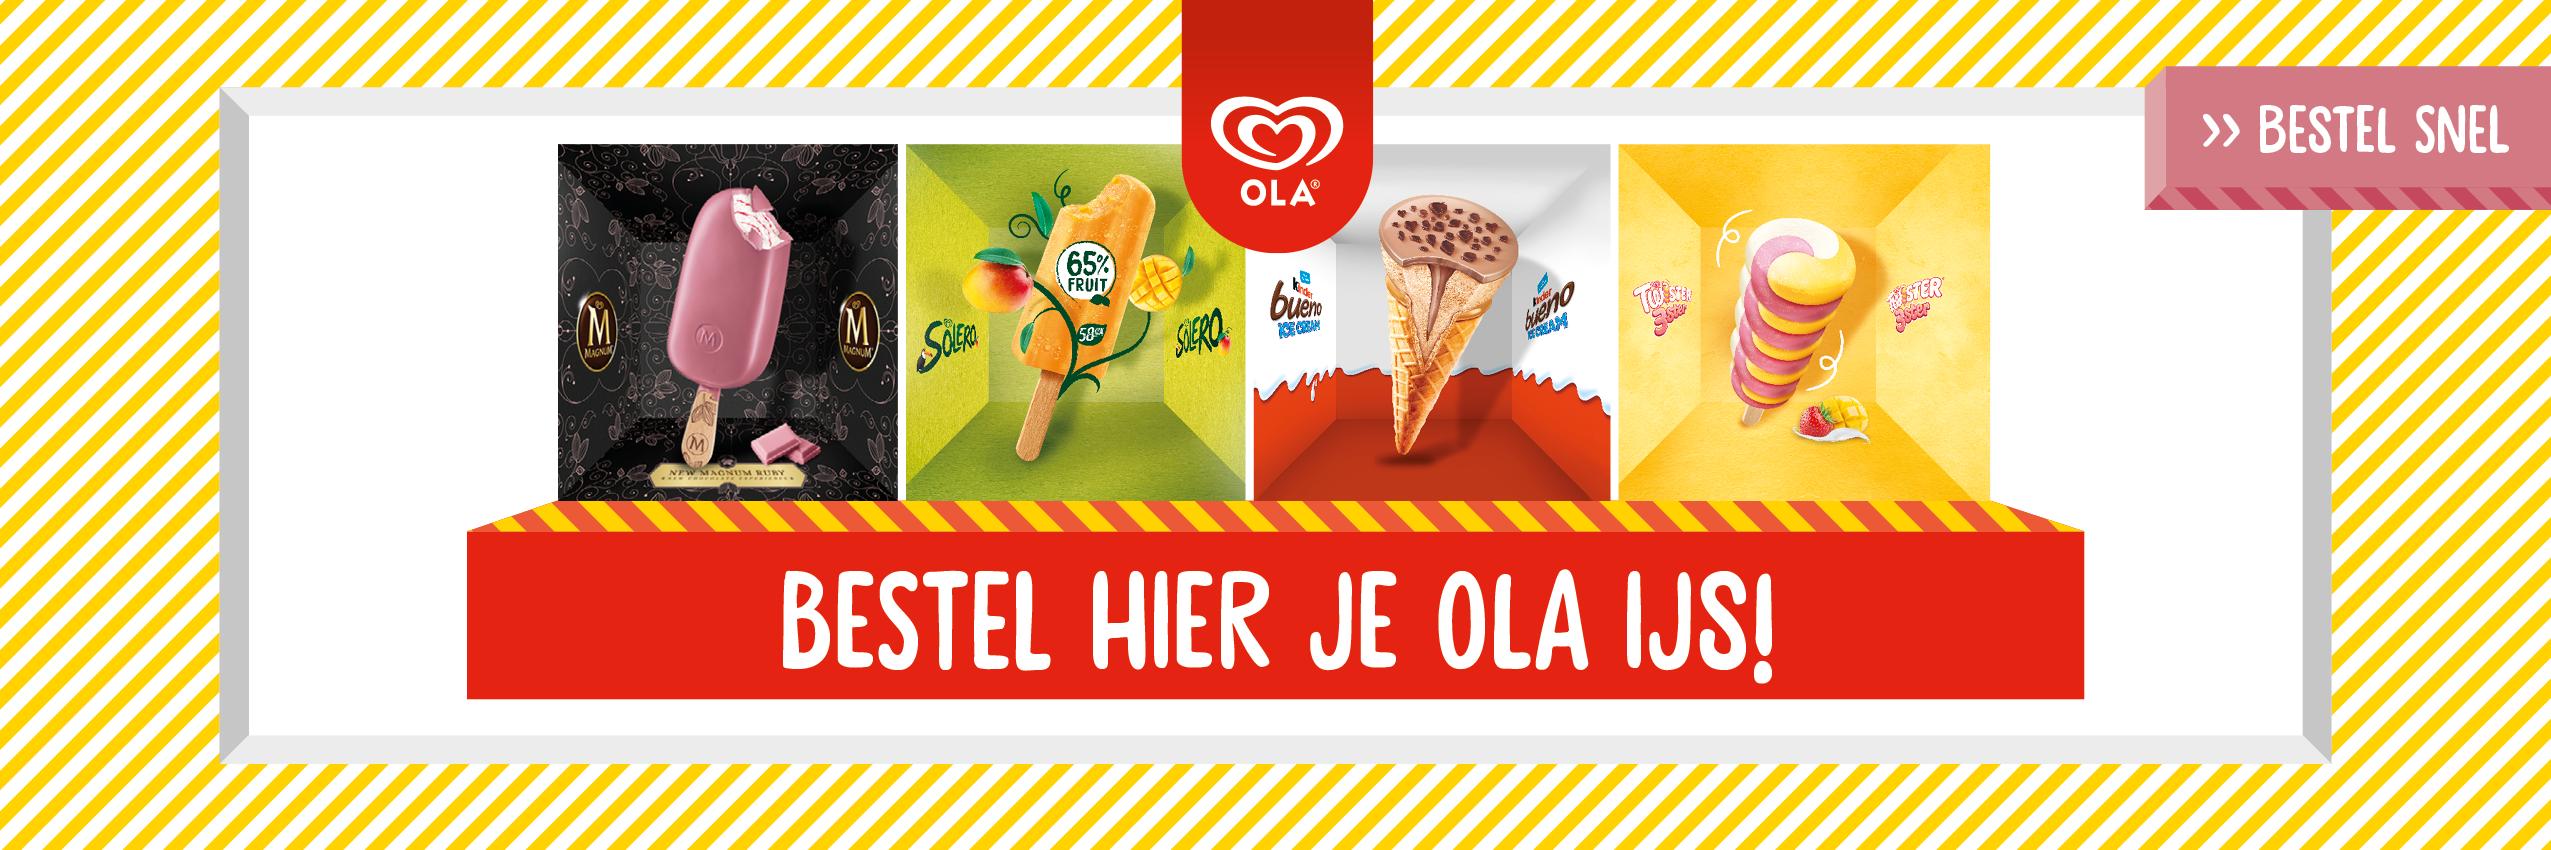 OLA nieuwe smaken 2020 banner